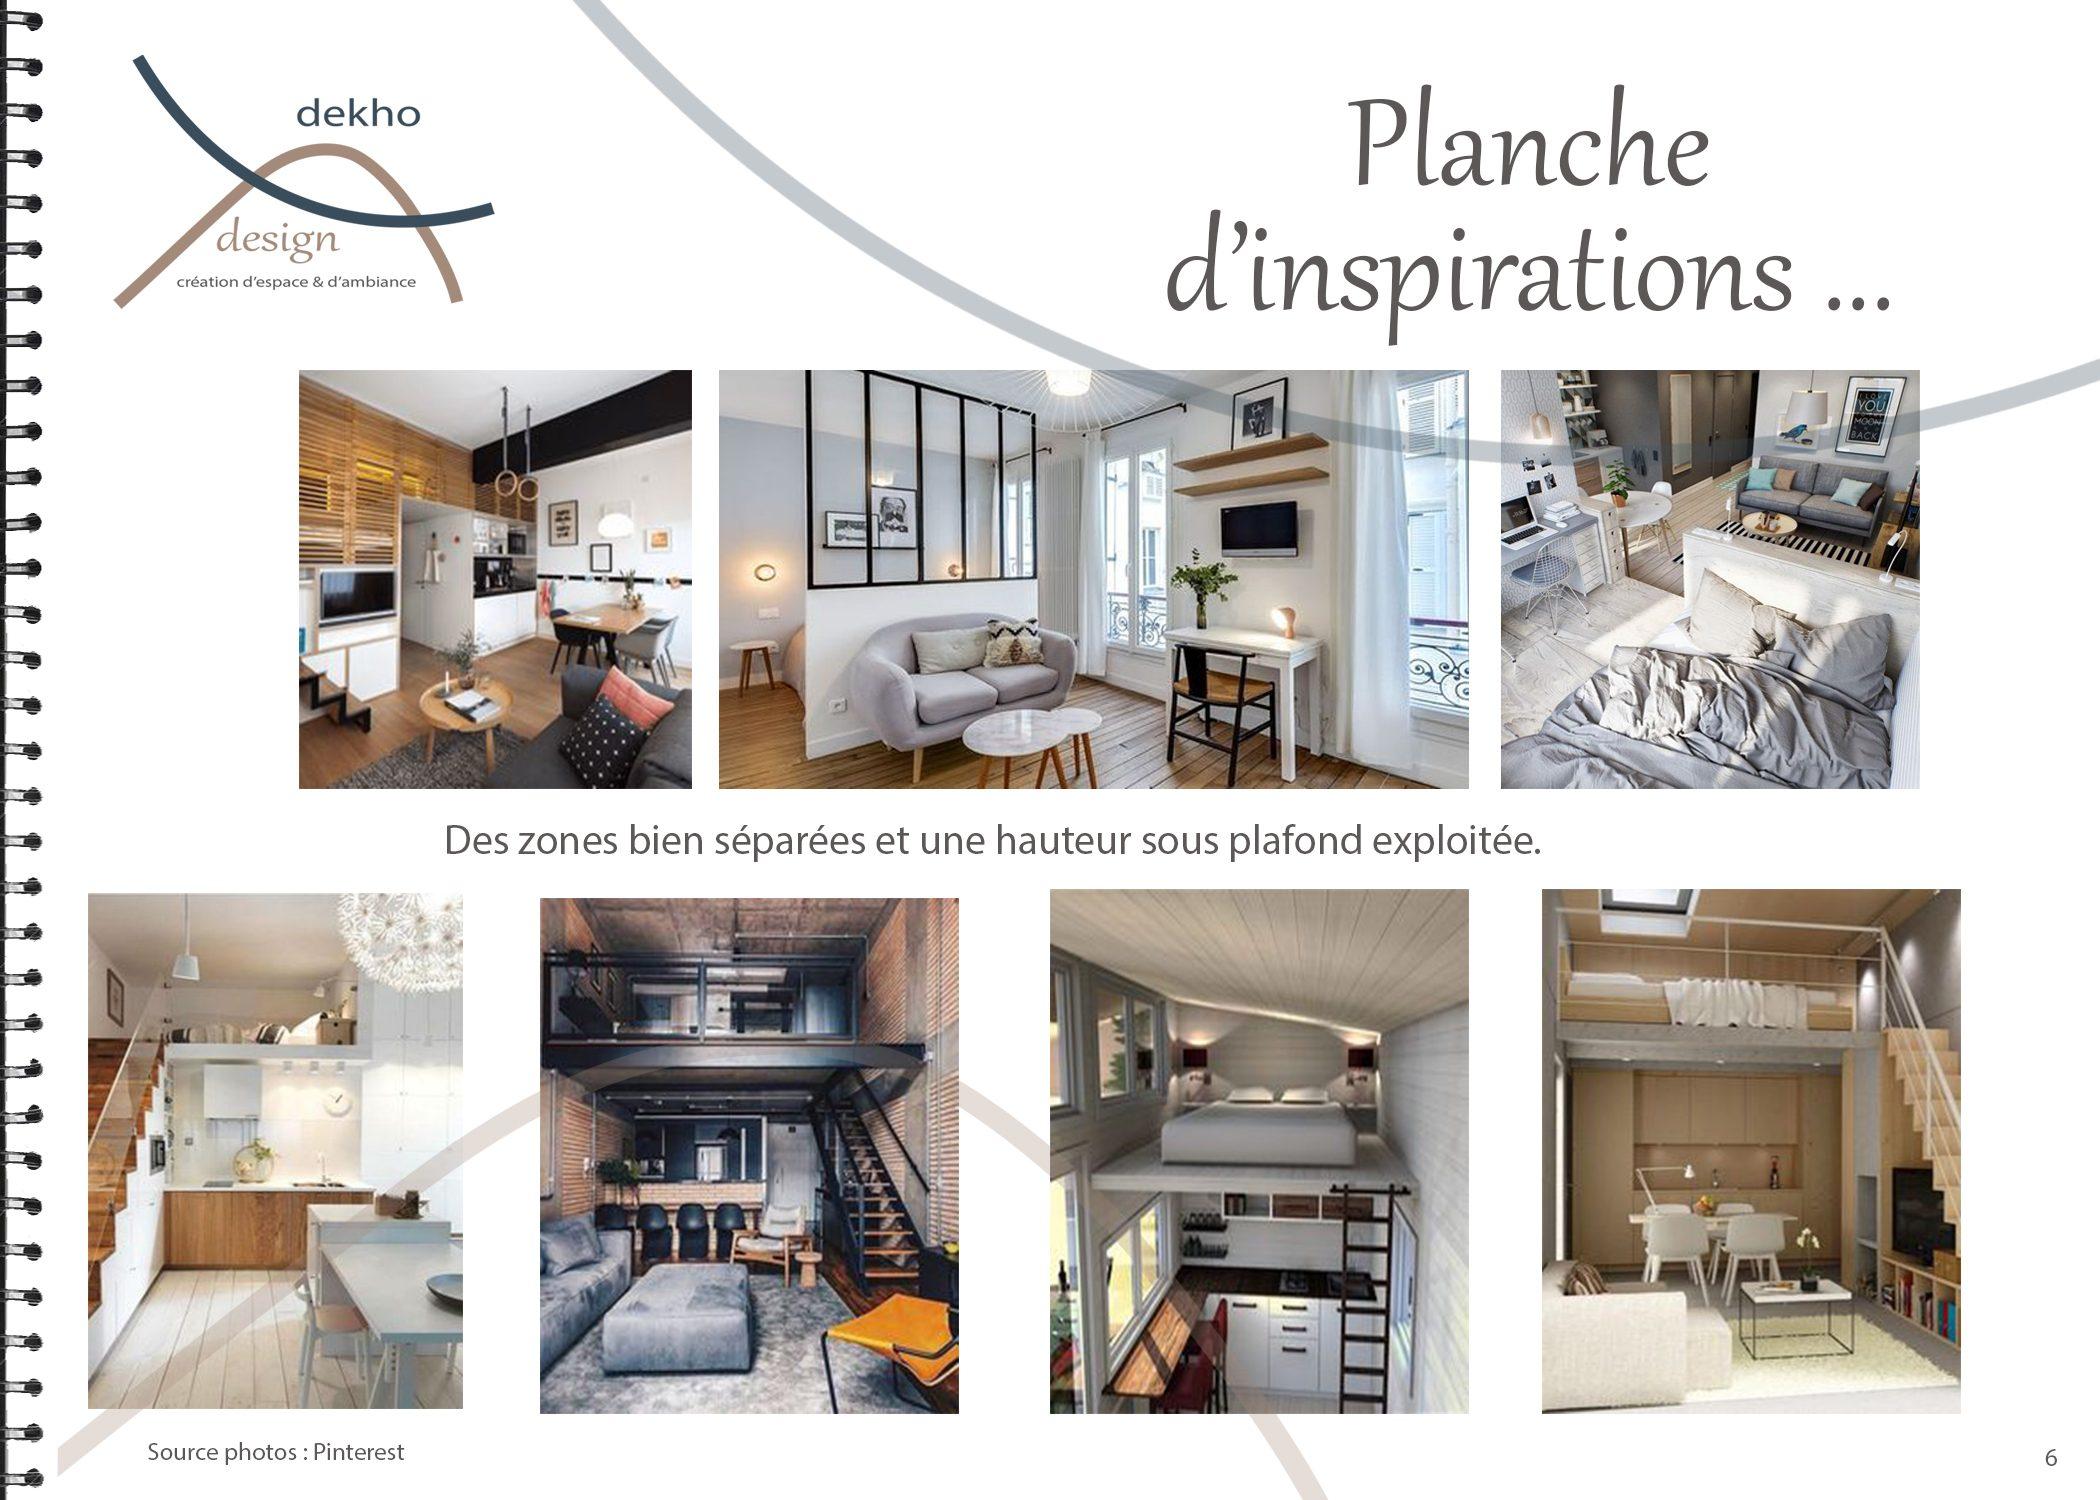 carnet d'intérieur-petits espaces-inspirations-conseils 1-dekho design